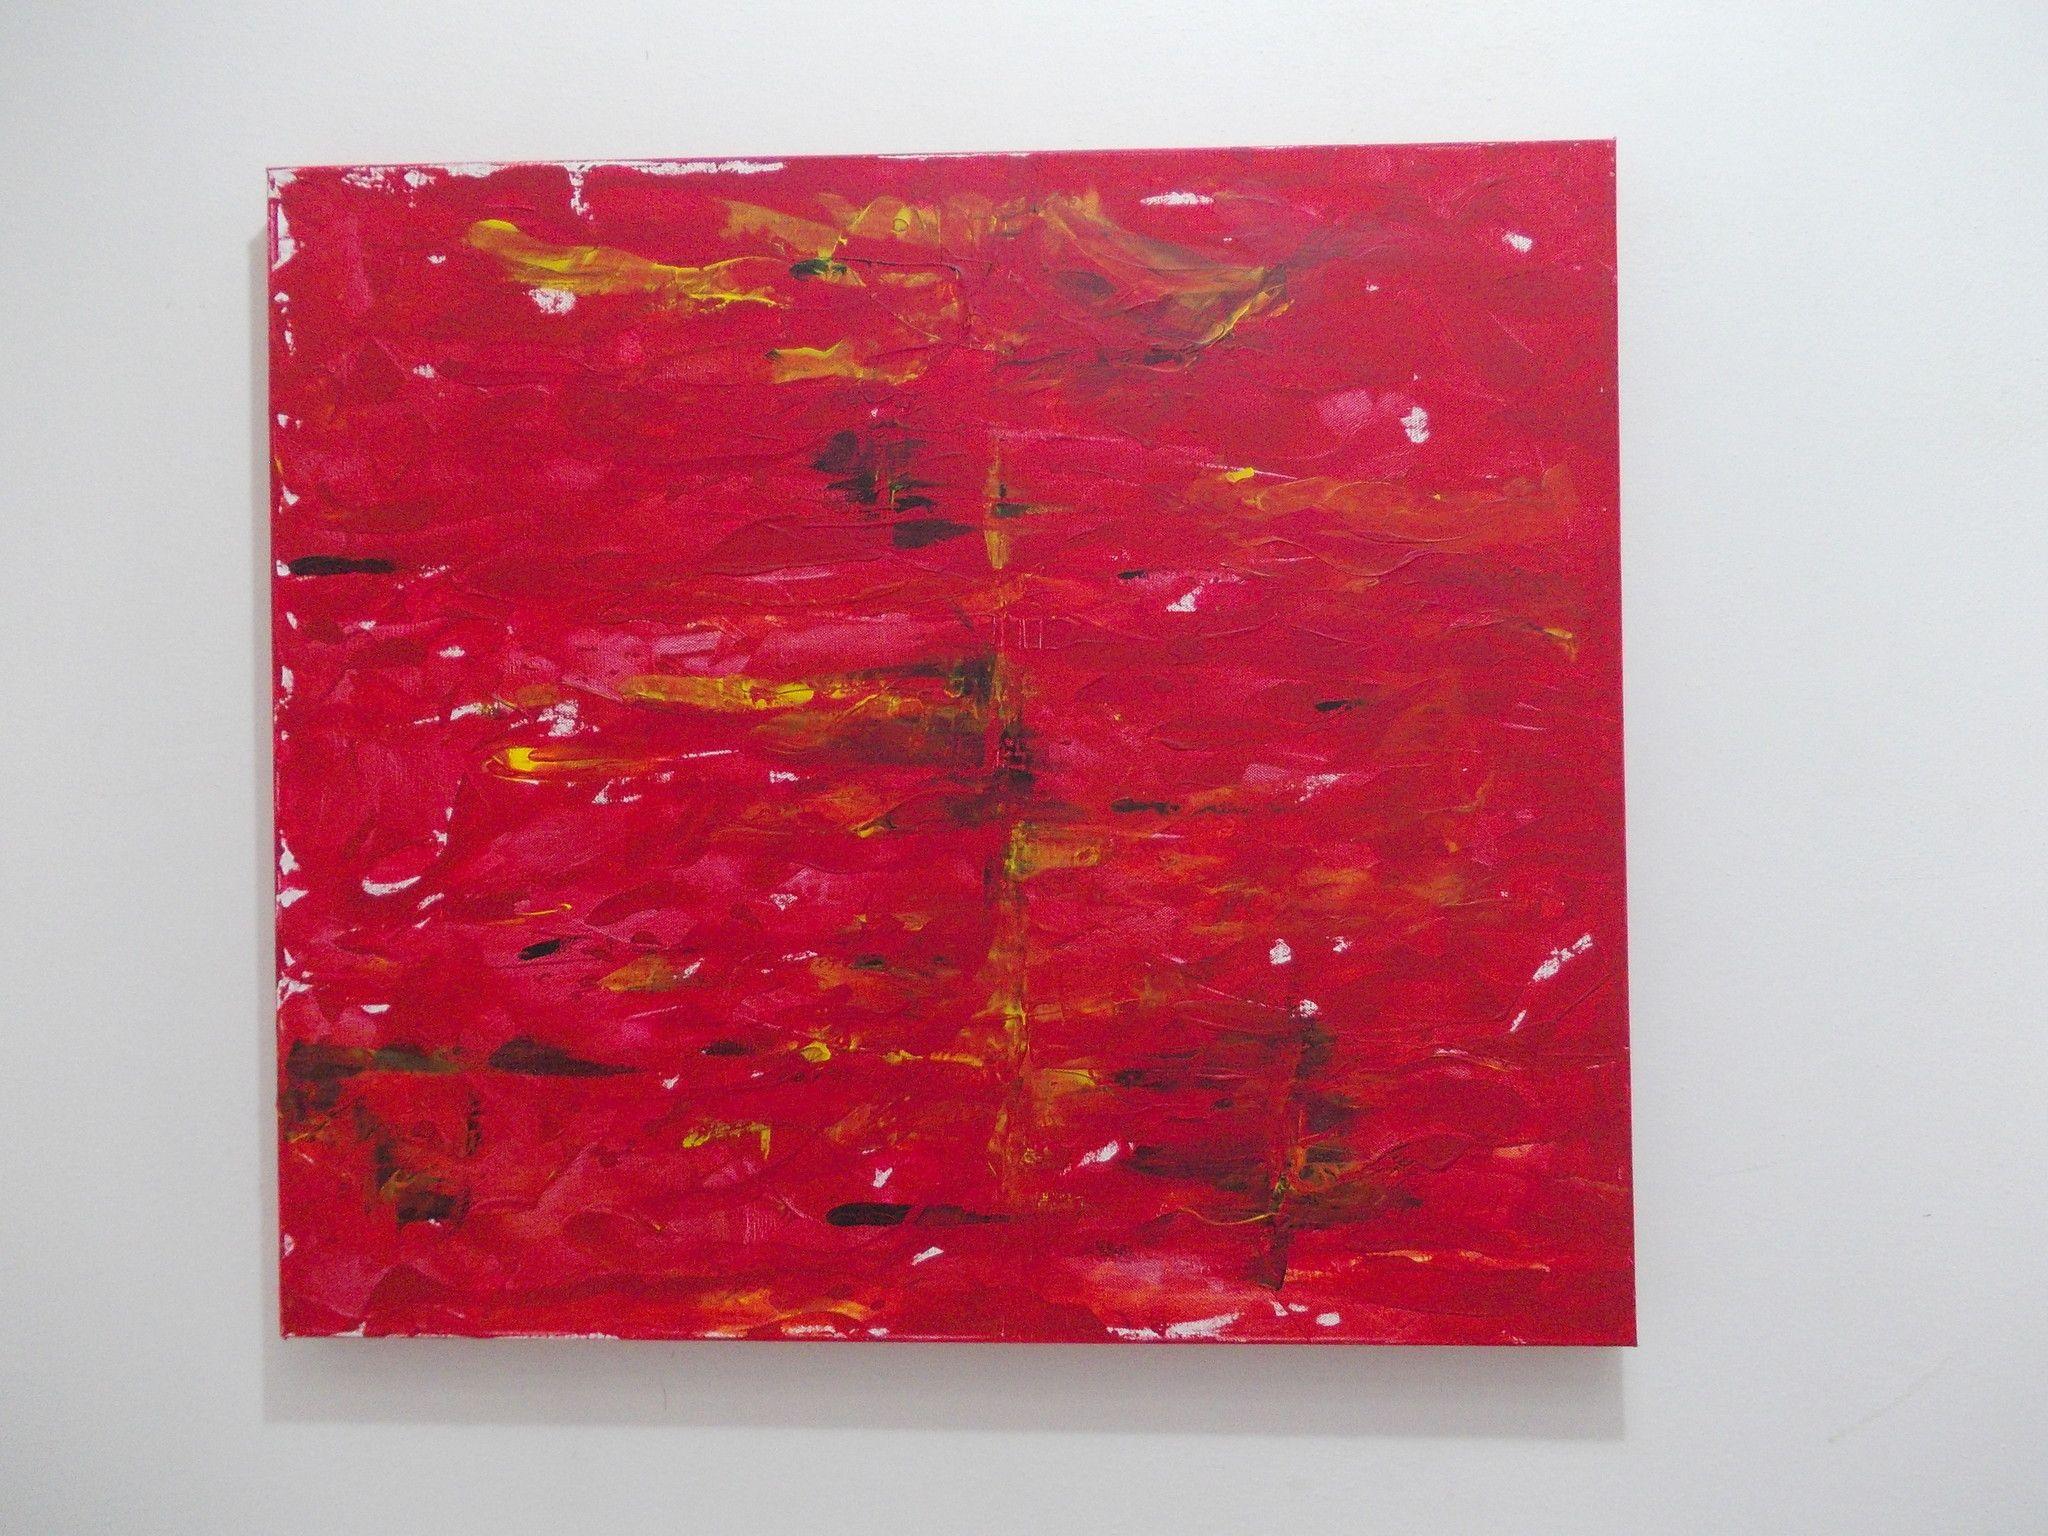 ACRILICO SU TELA ANNALISA COLOMBO ' SANGUE DI DRAGO '  dimensioni L 70 x H 80 cm.